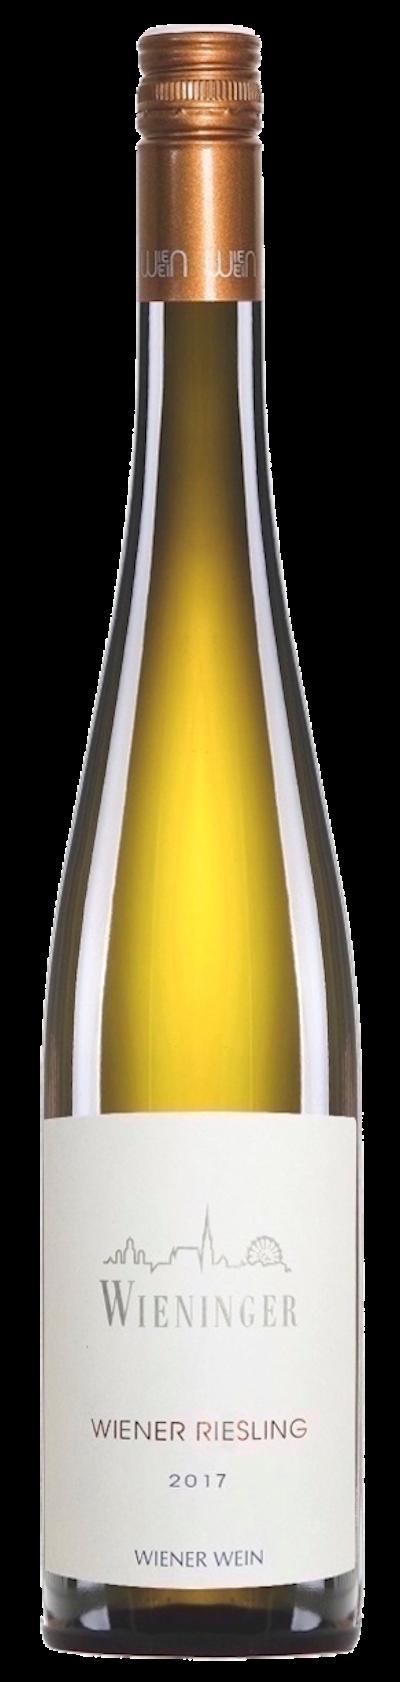 Wieninger - Wiener Riesling bio